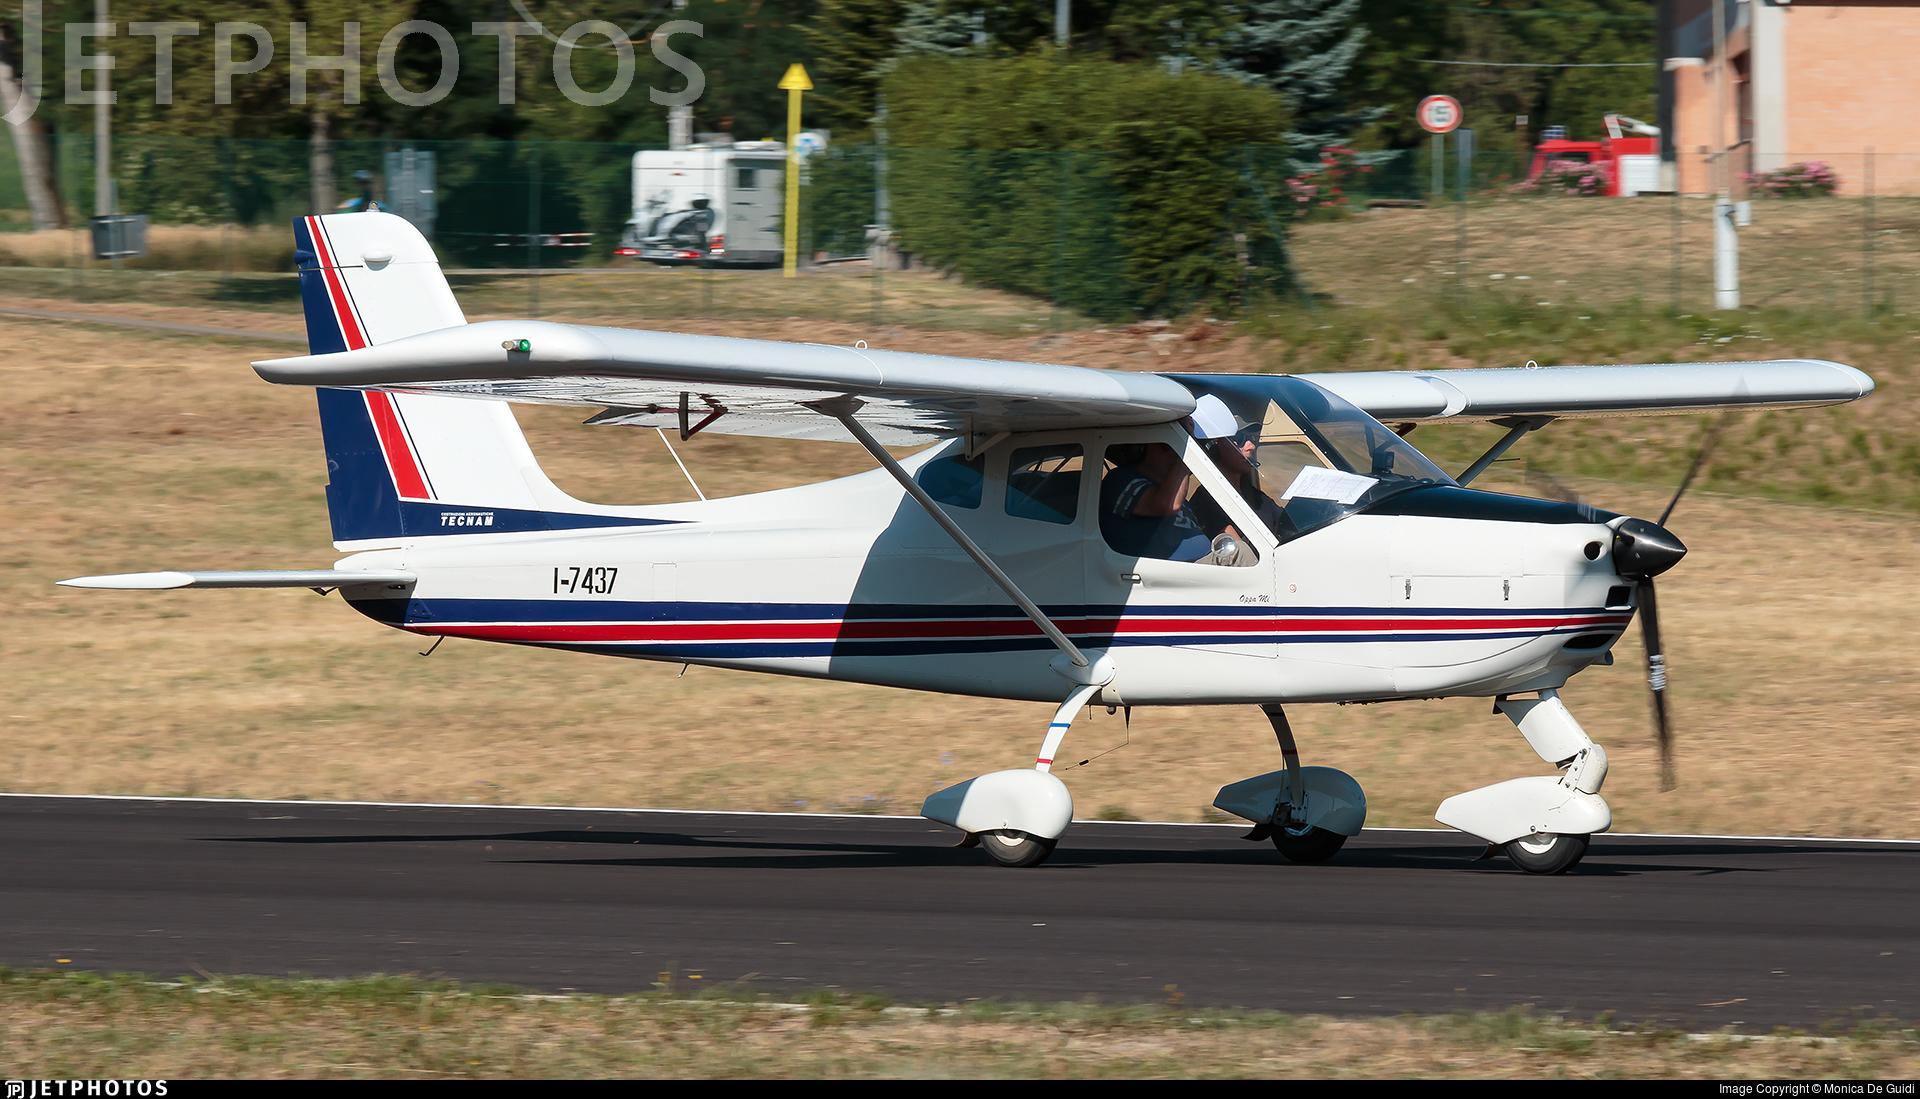 I-7437 - Tecnam P92 Echo - Private